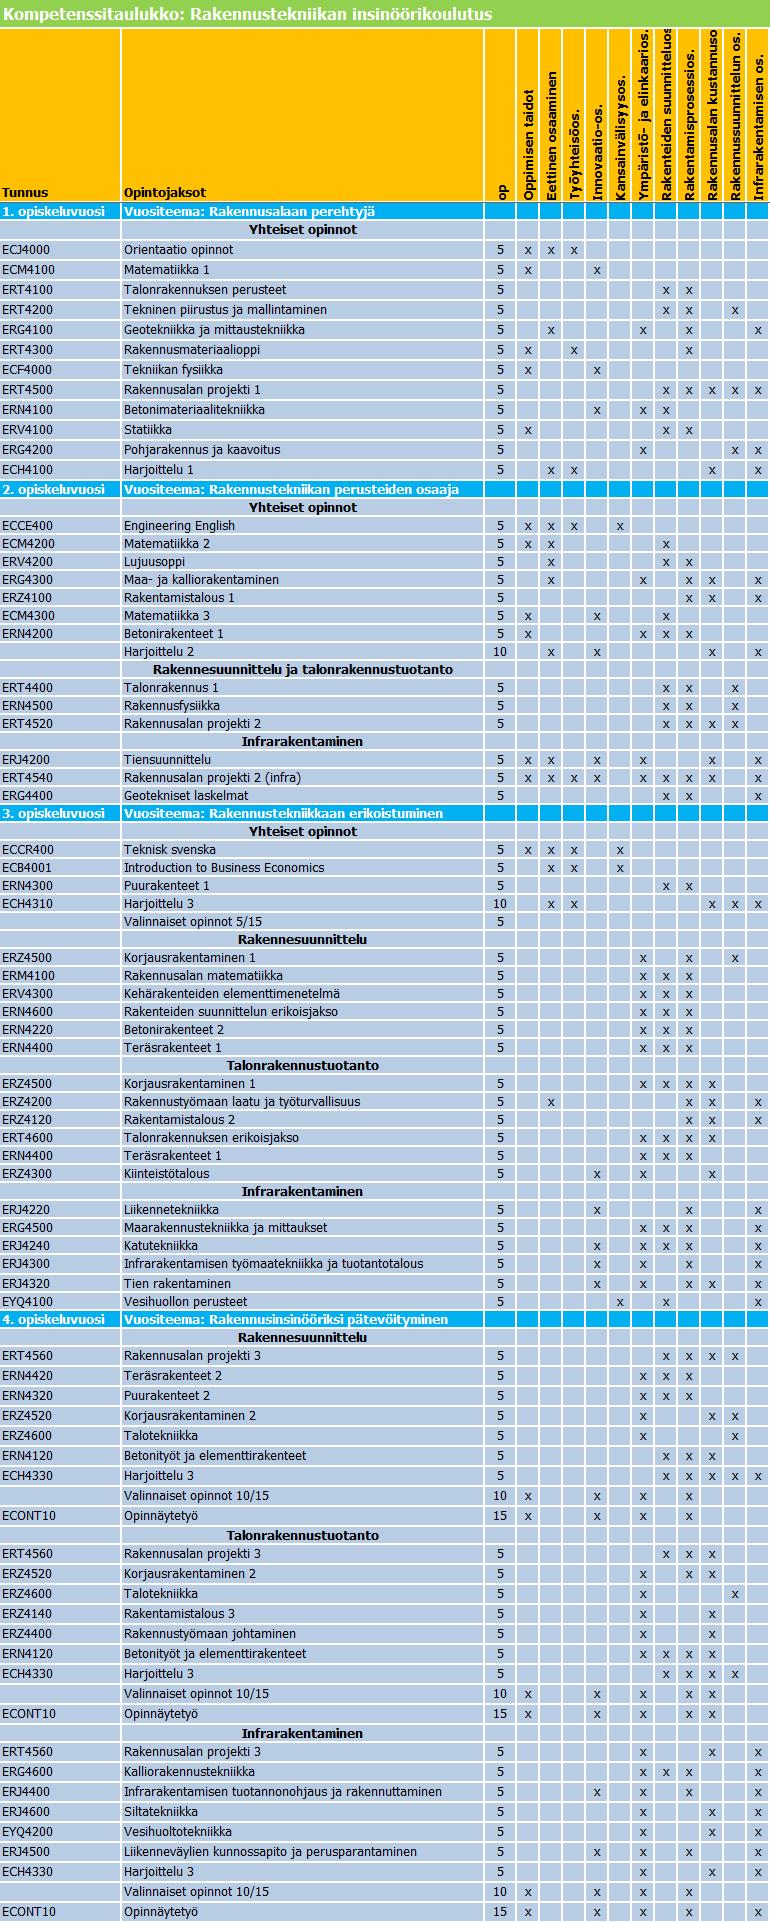 9,3 matchmaking-kaavio